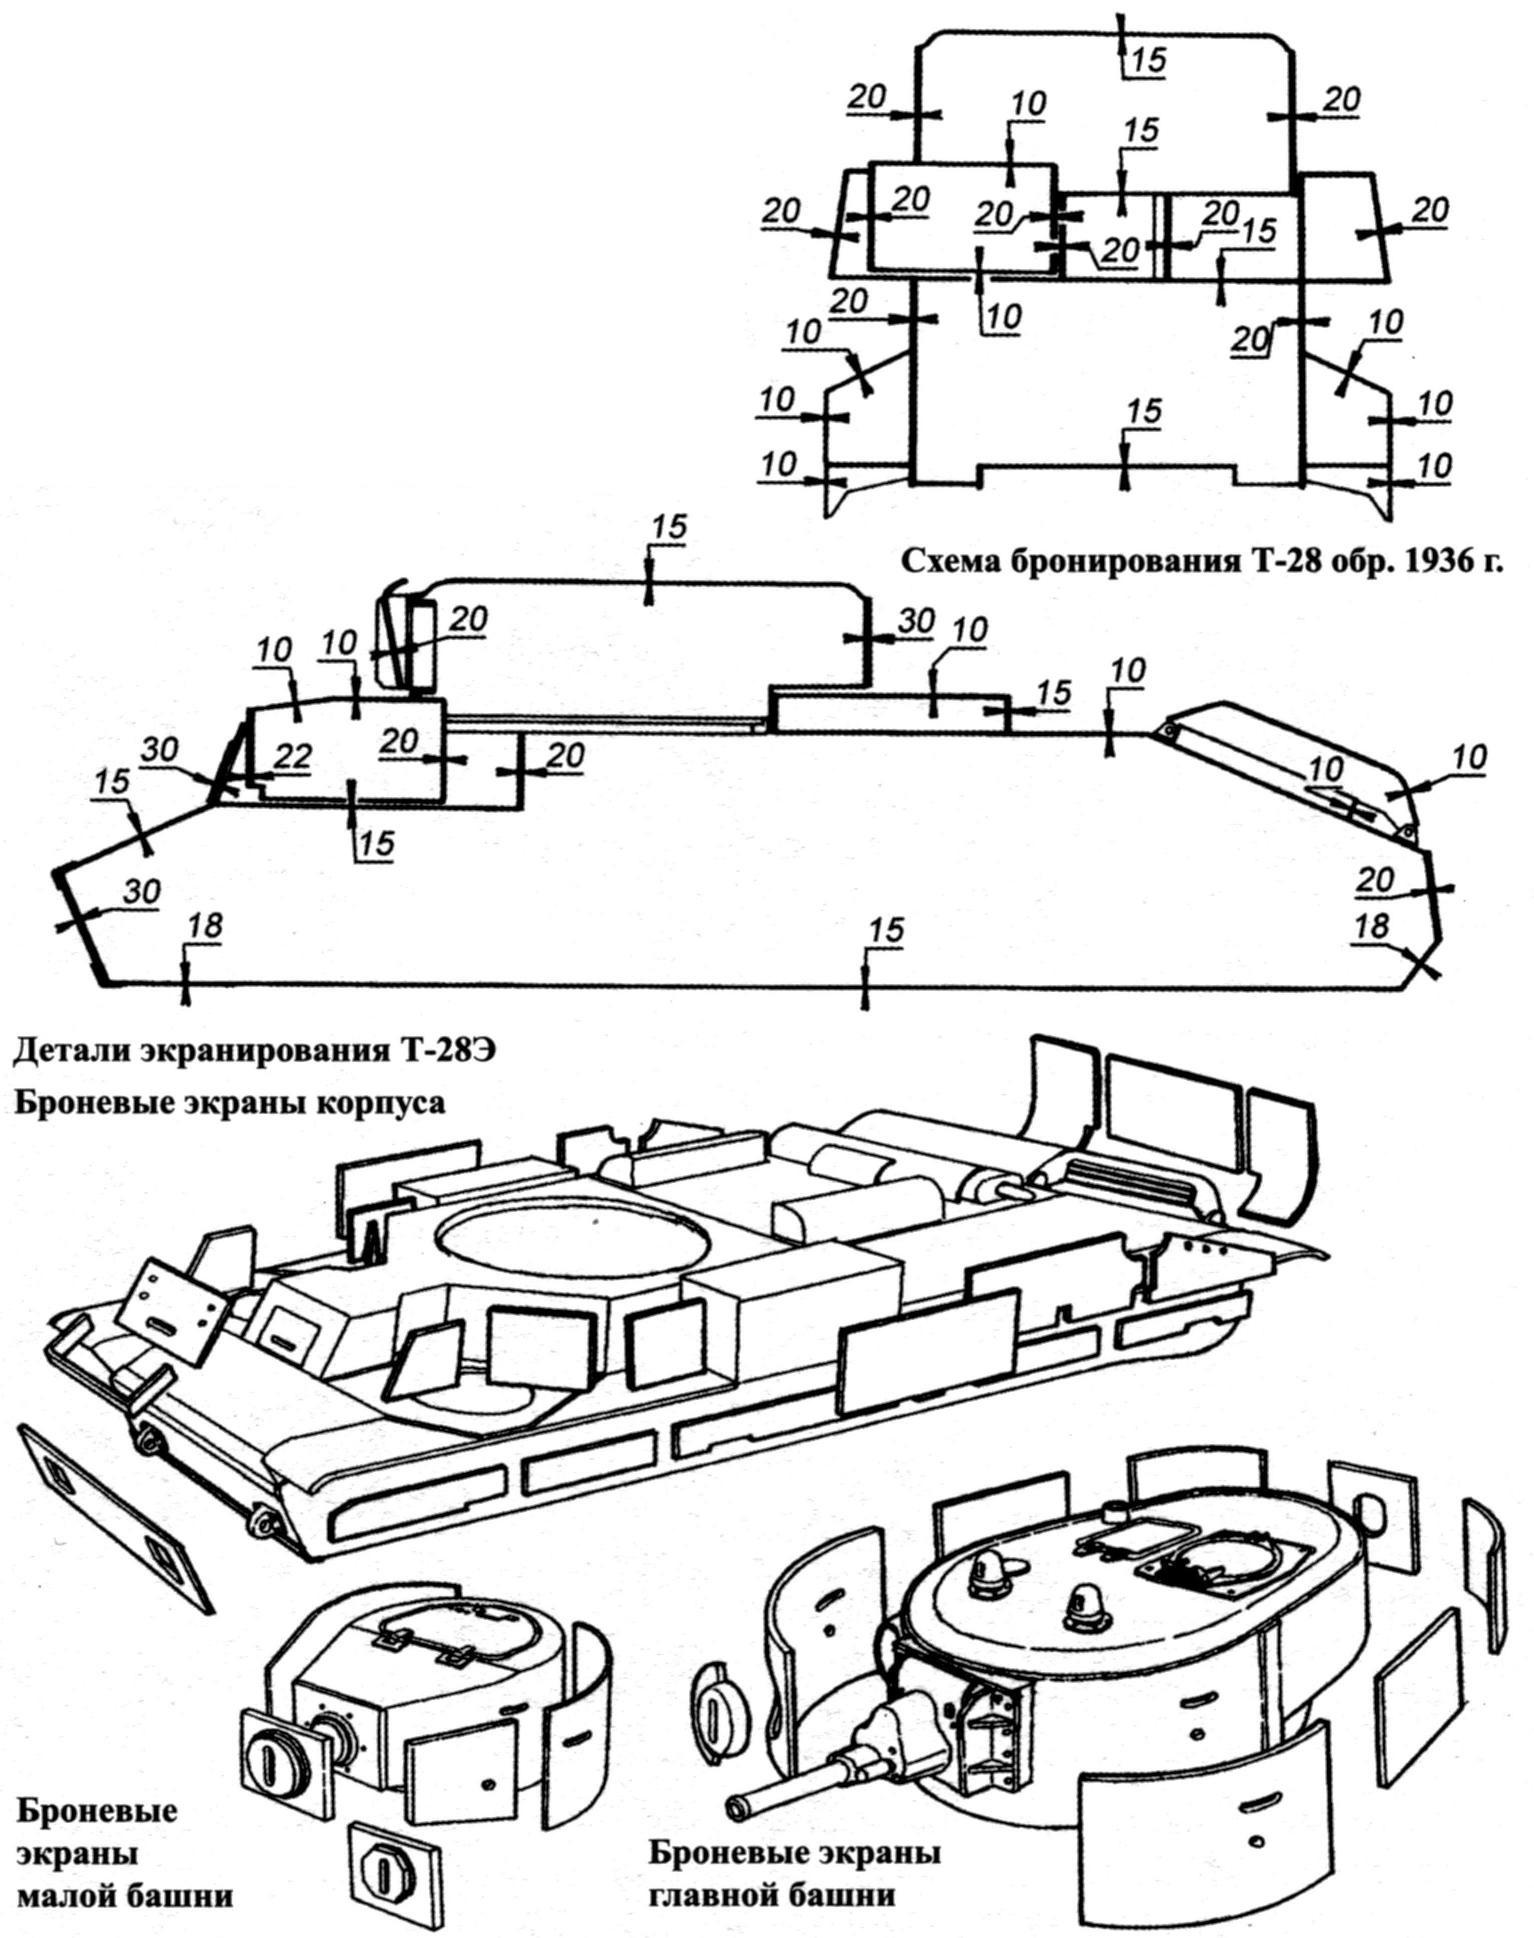 Reservation scheme T-28